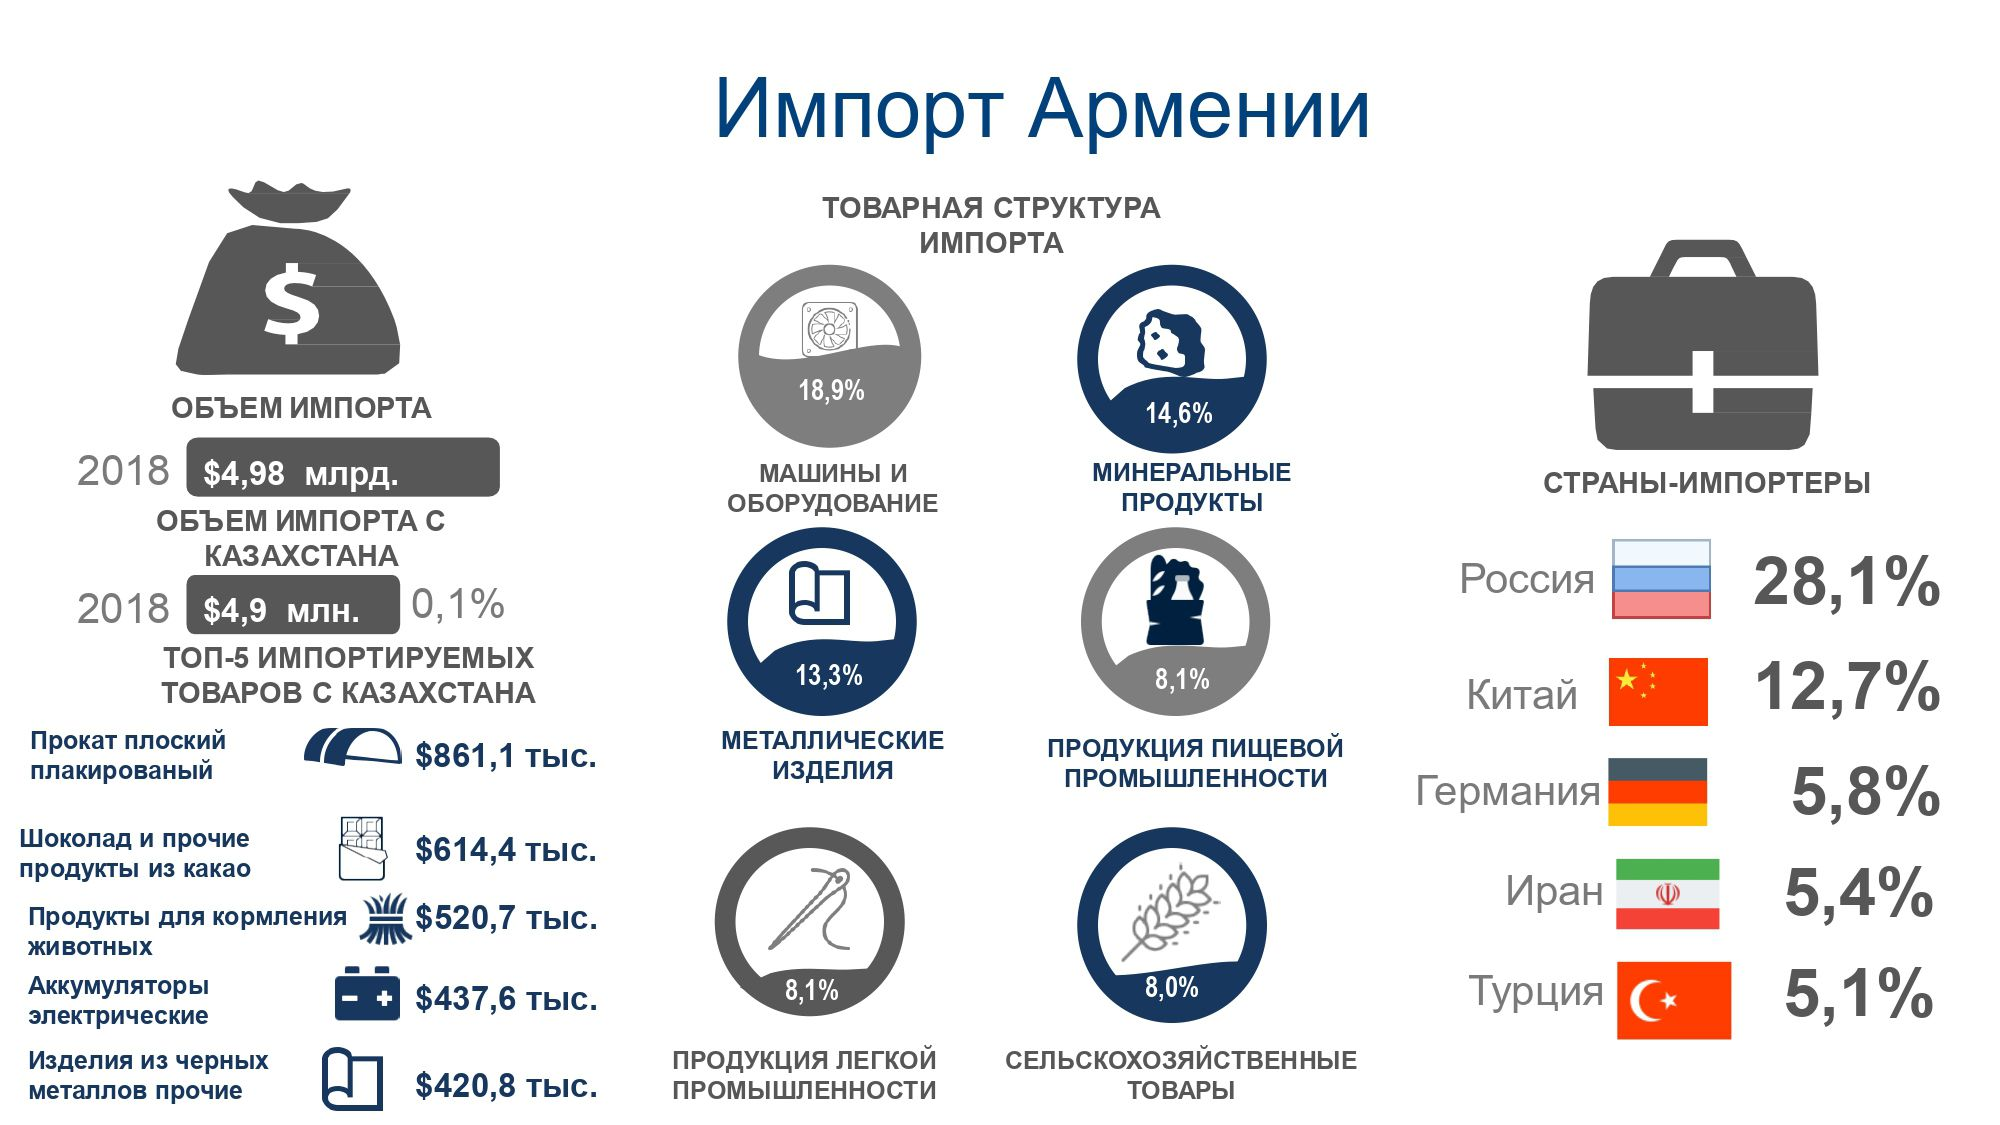 Остались ли в Алматы пустующие ниши для бизнеса? 173124 - Kapital.kz